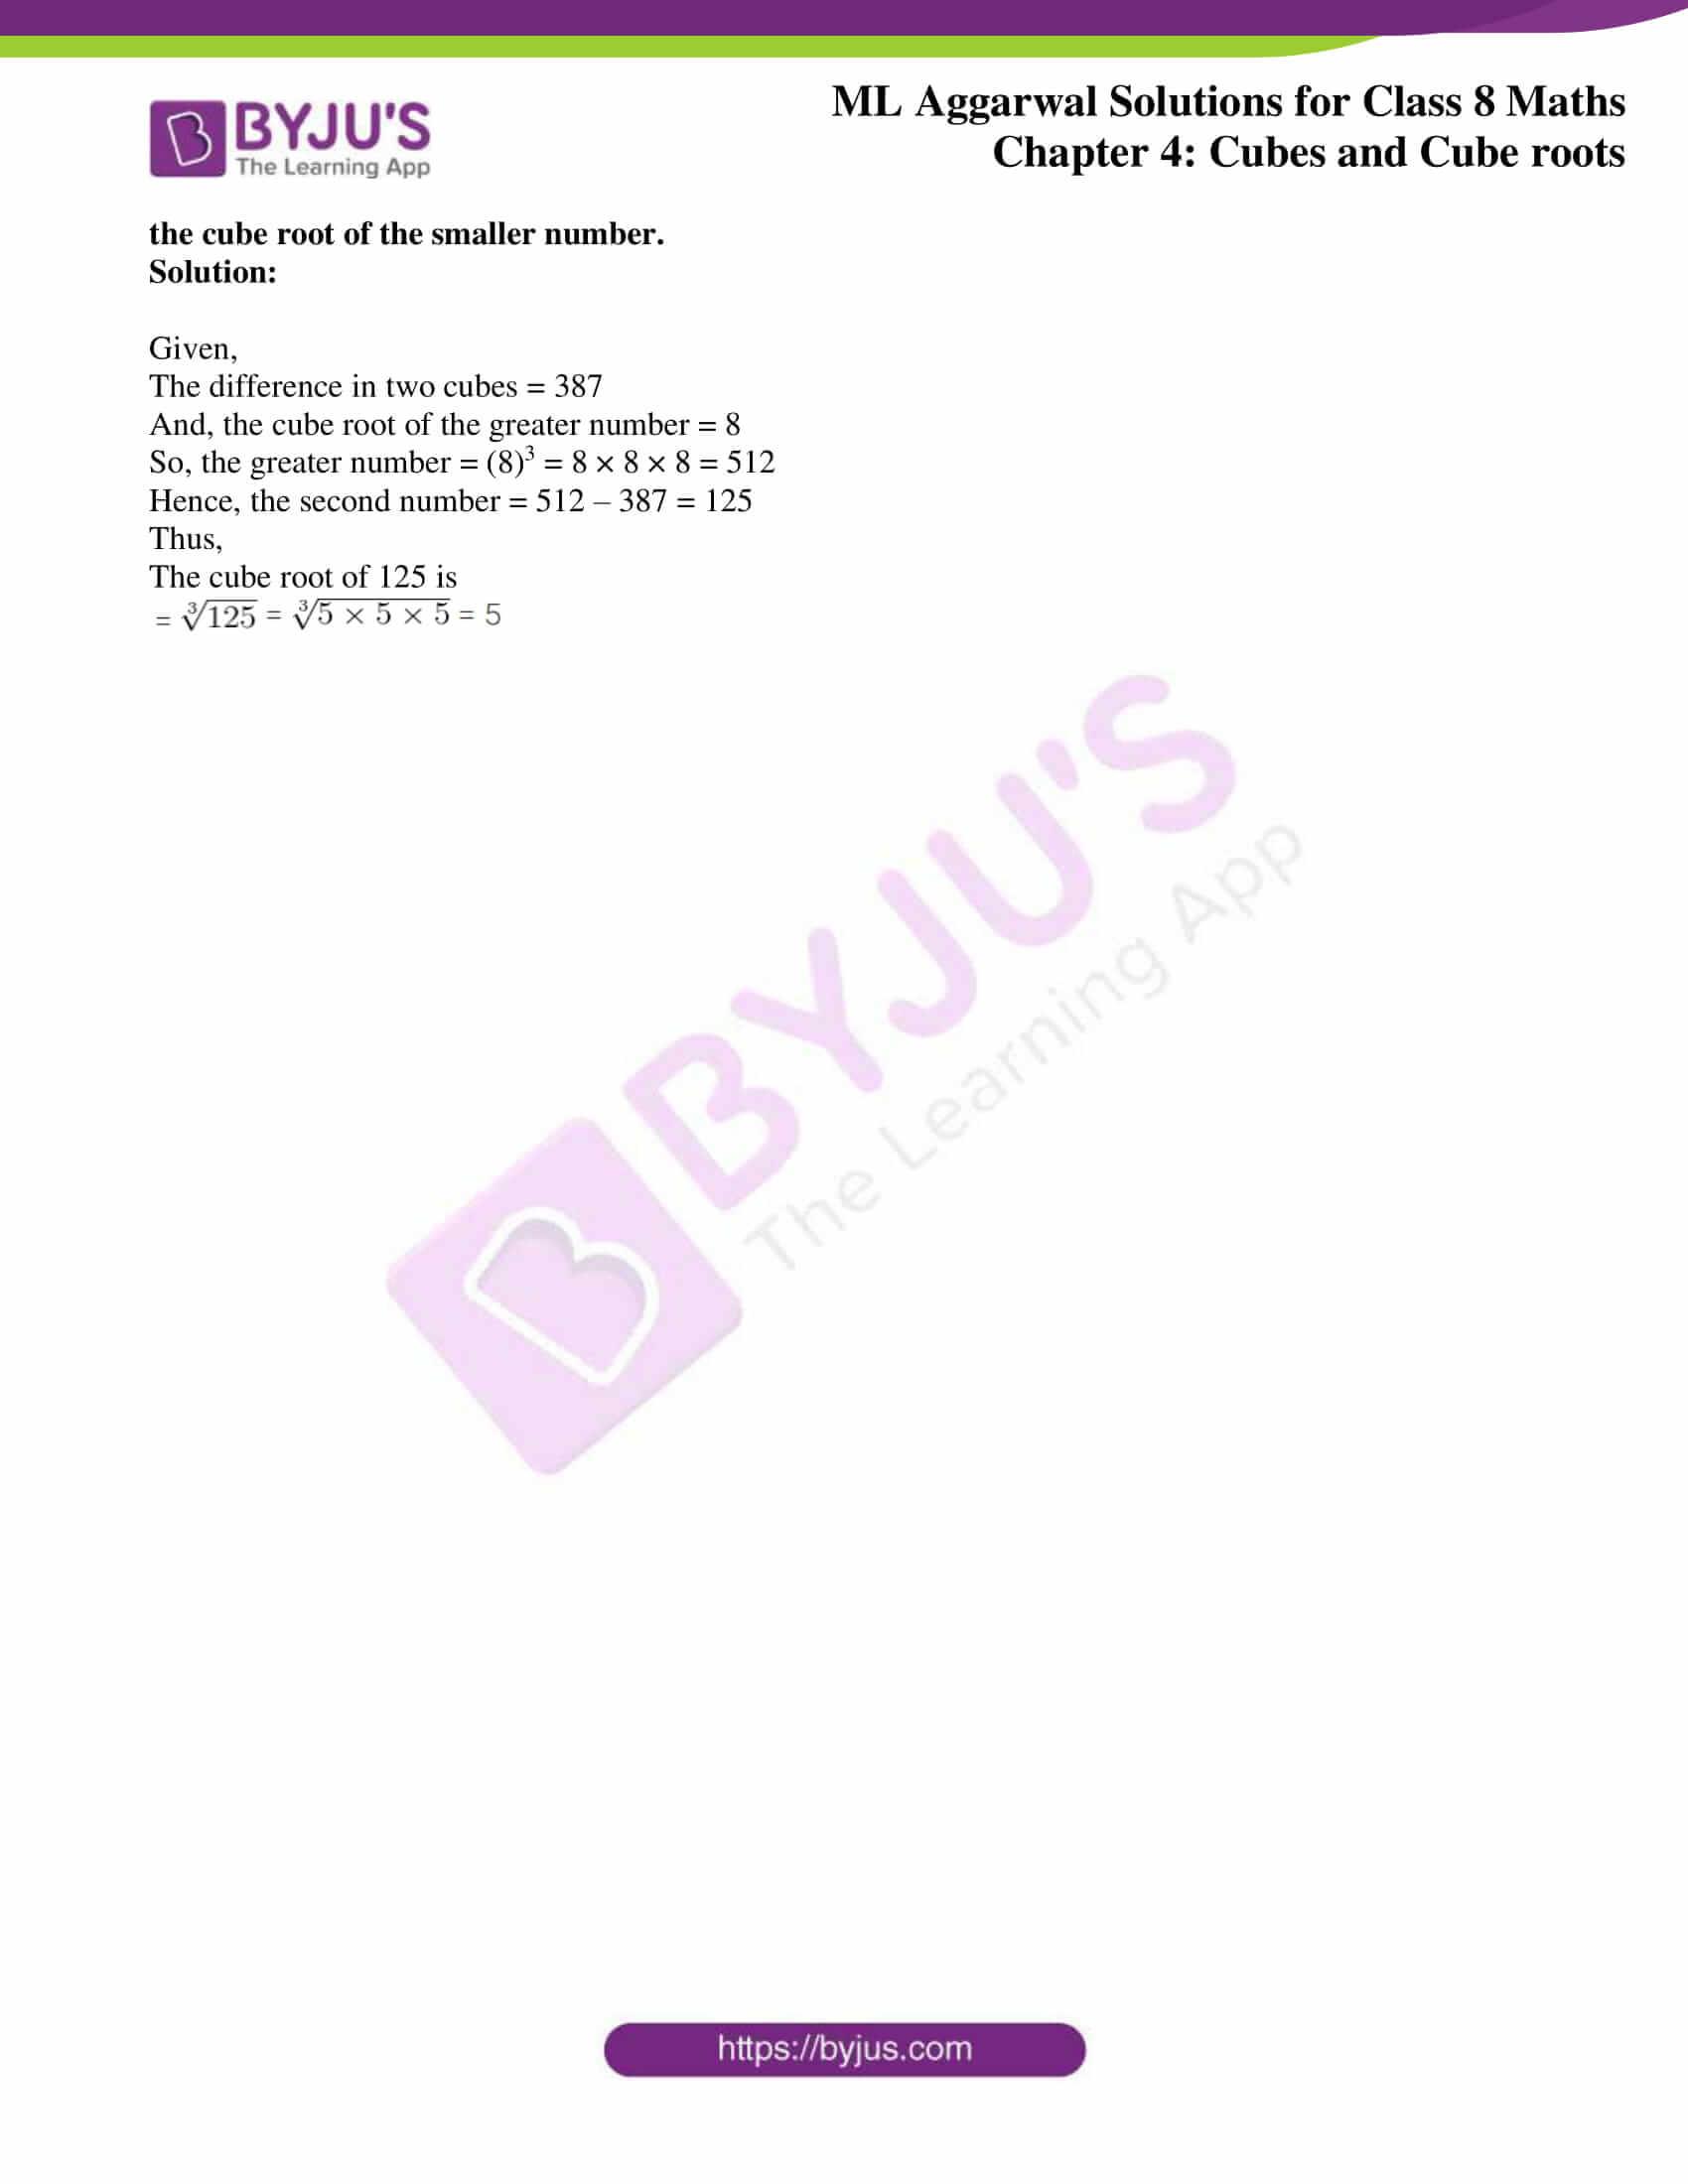 ml aggarwal sol mathematics class 8 ch 4 22